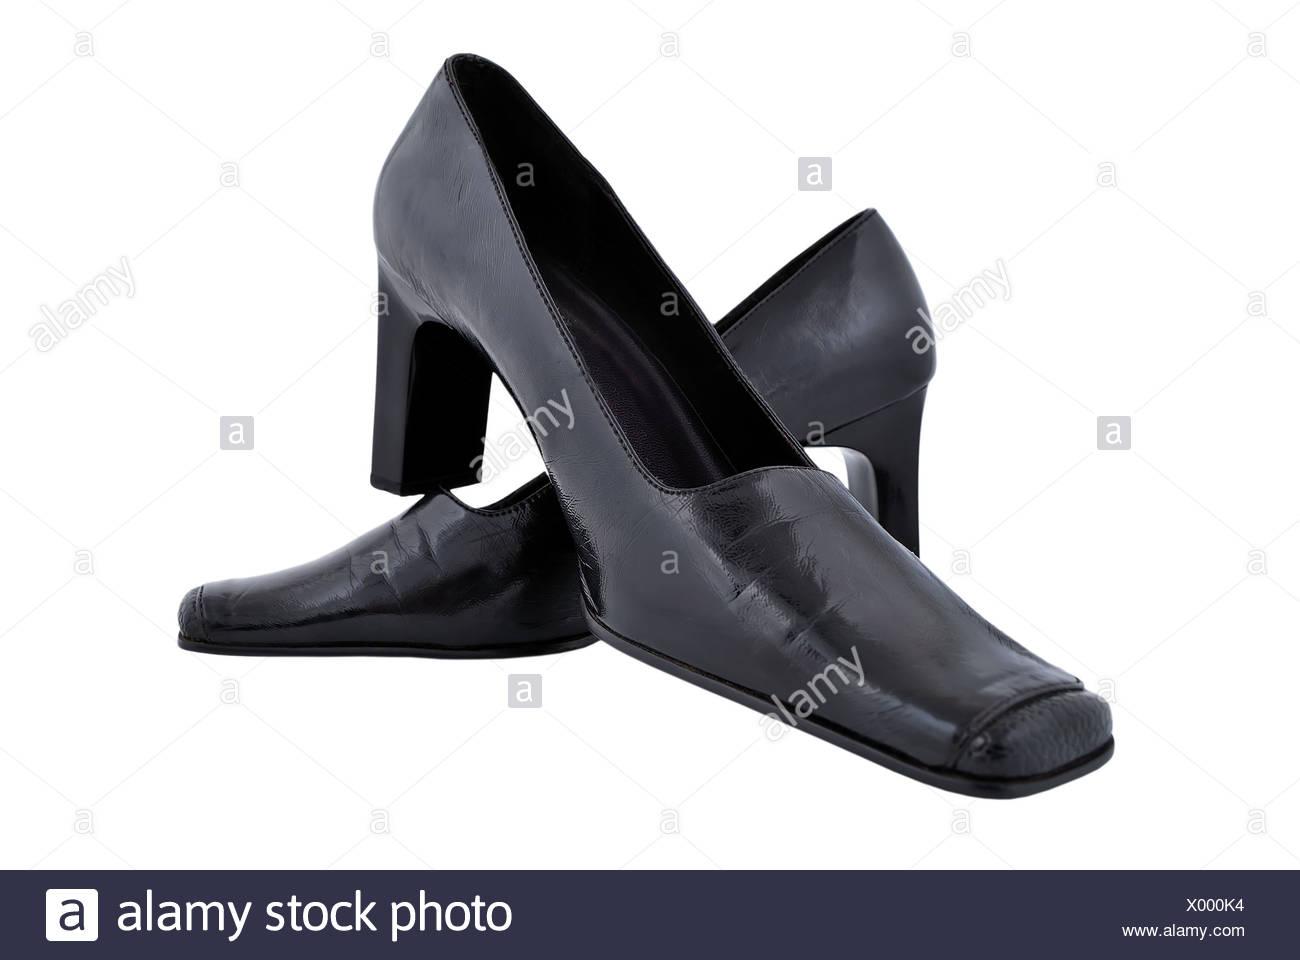 4400e479b4ec schwarze Damenschuhe Stockfoto, Bild  275366424 - Alamy